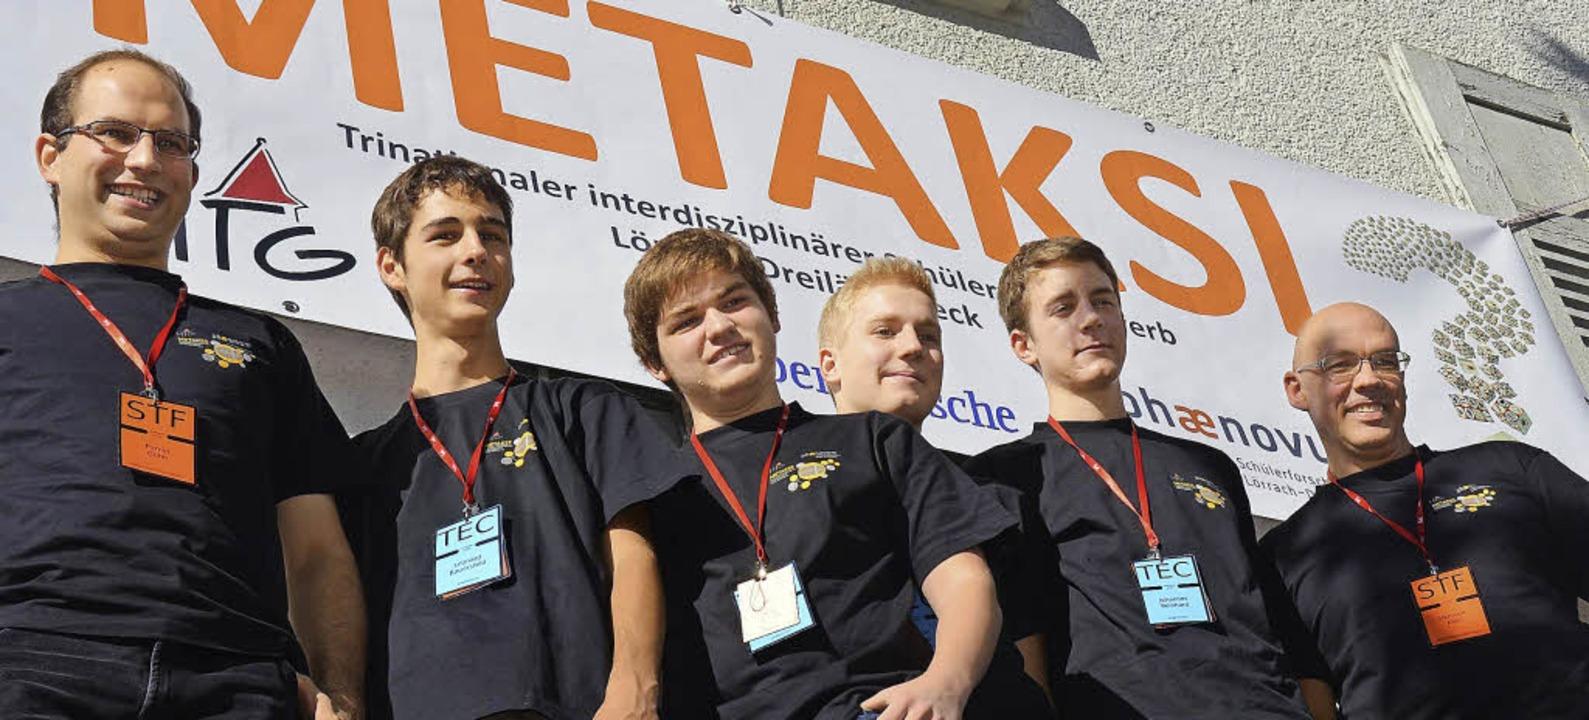 Metaksi-Planer: (von links) Primin Goh...art Roth) und Initiator Hermann Klein   | Foto: Nikolaus Trenz